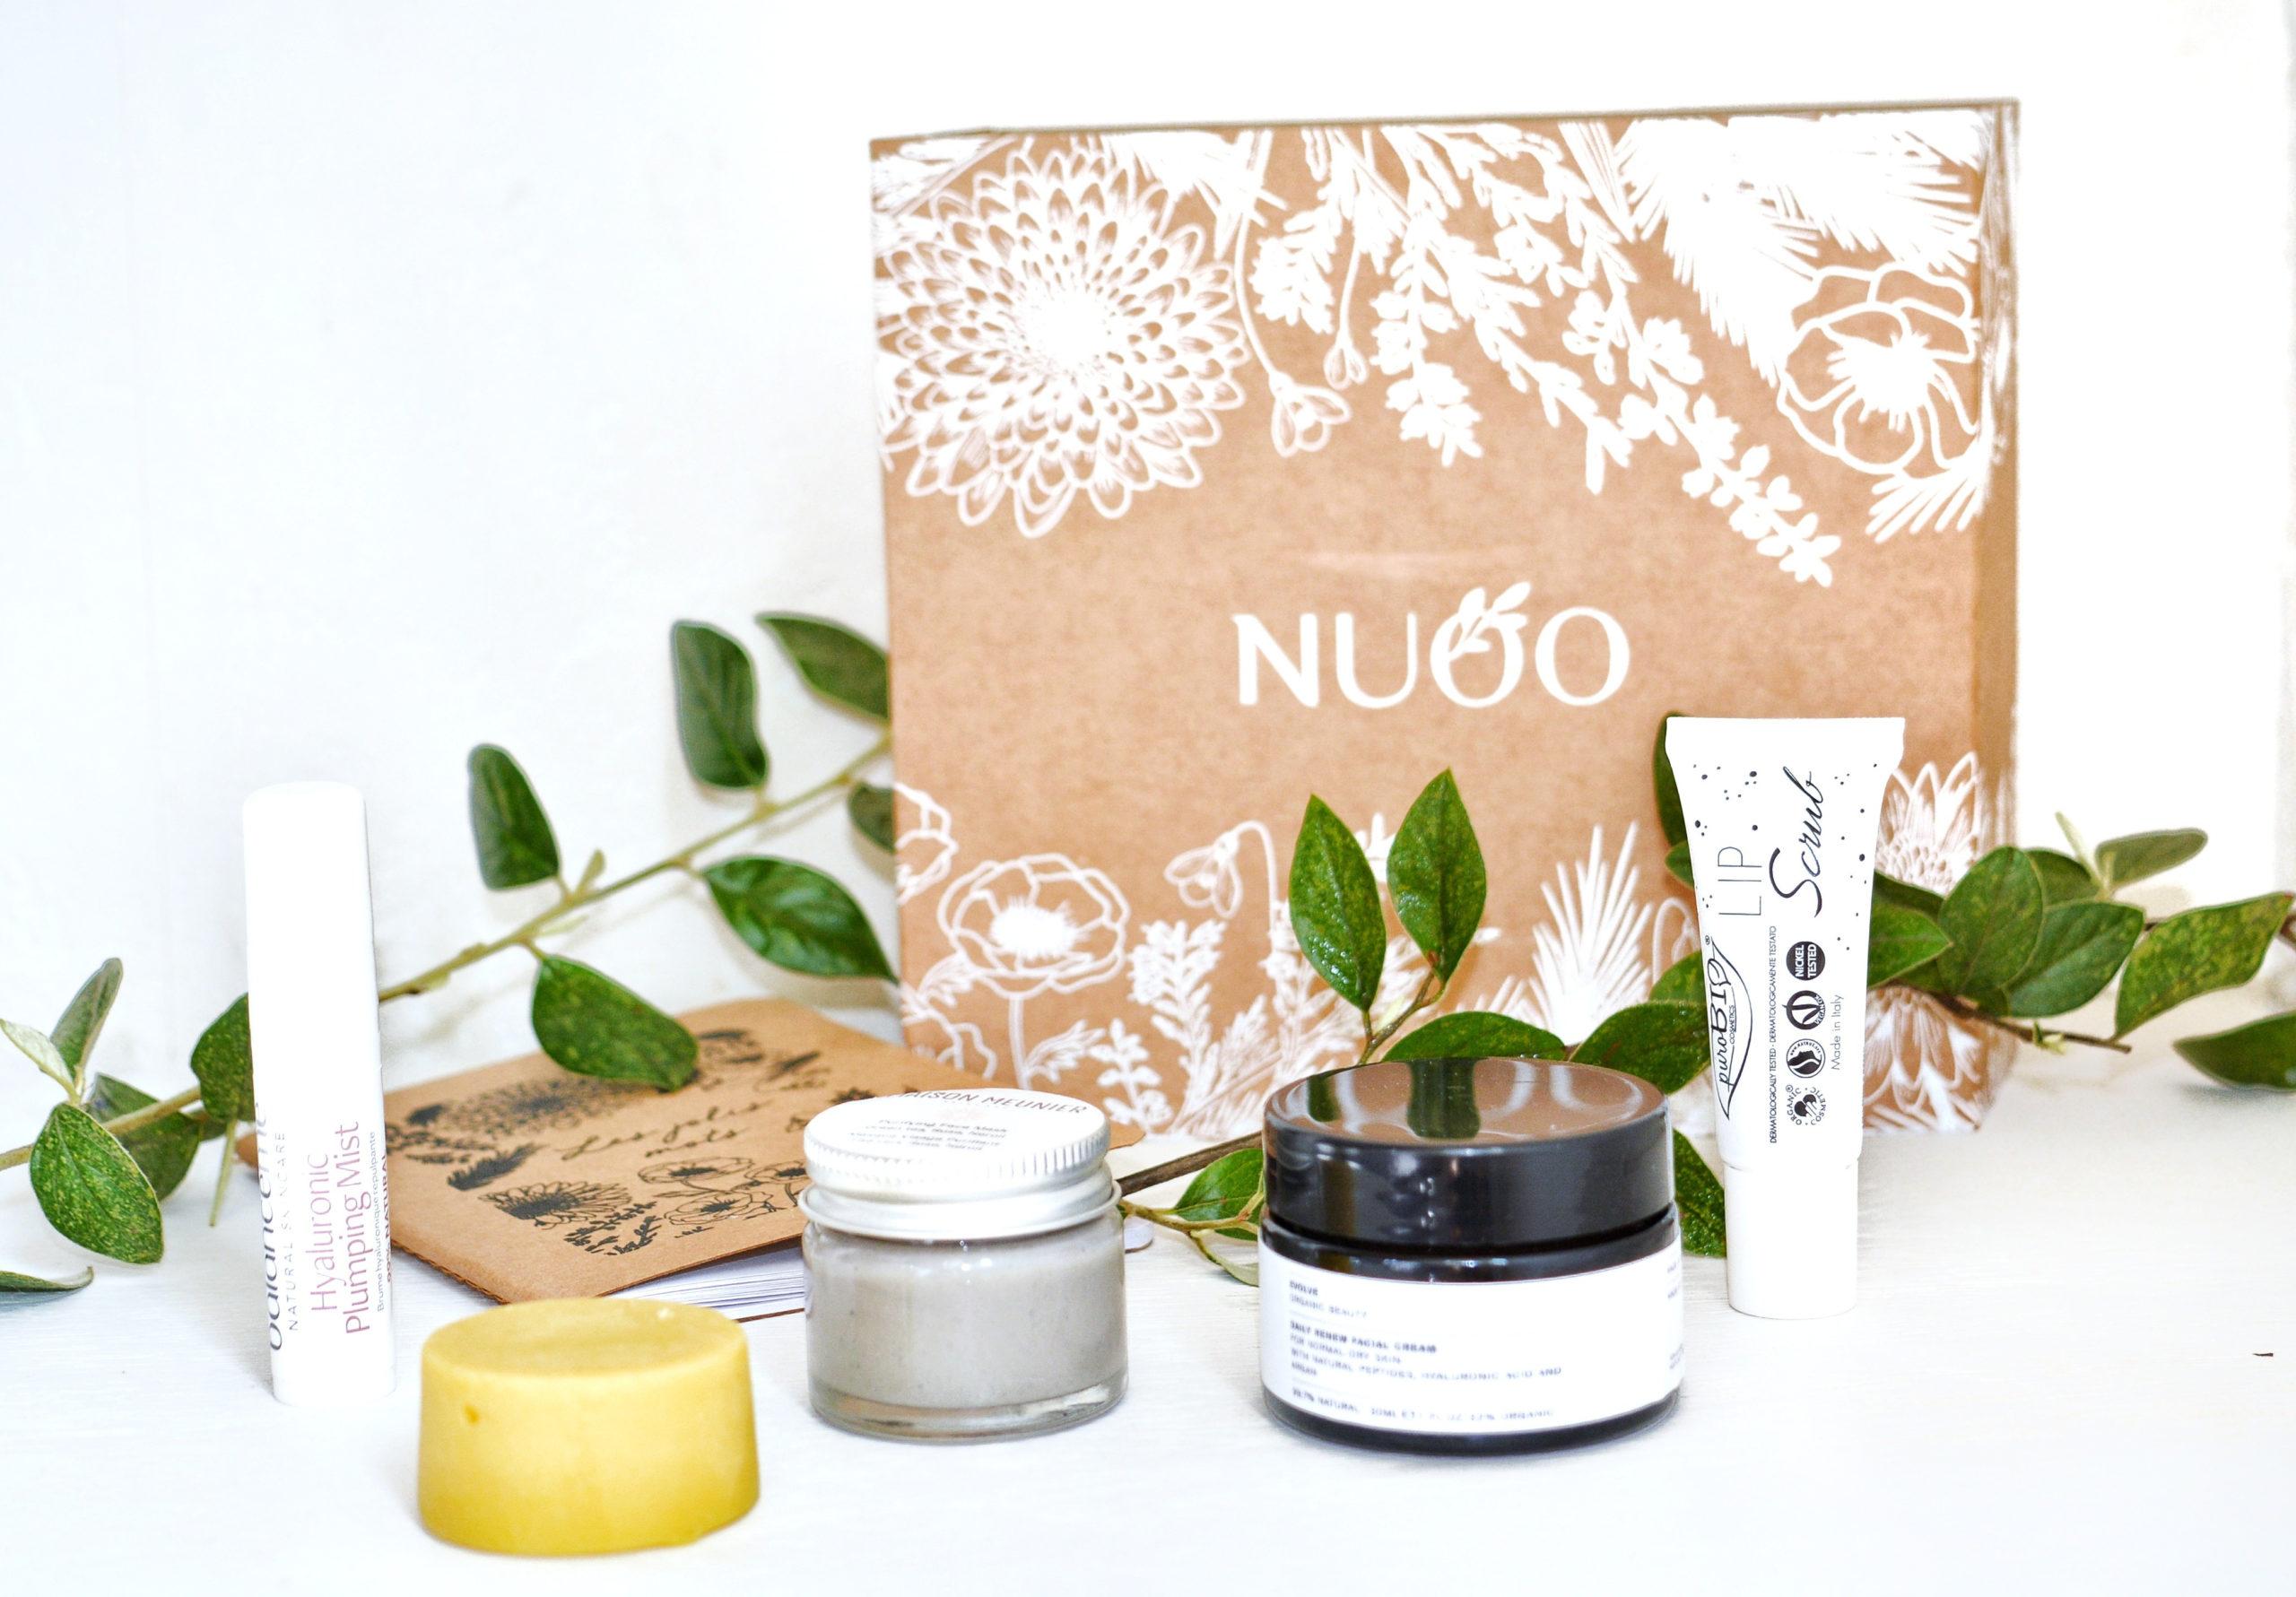 La box beauté bio Nuoo box vaut-elle vraiment le coup ?